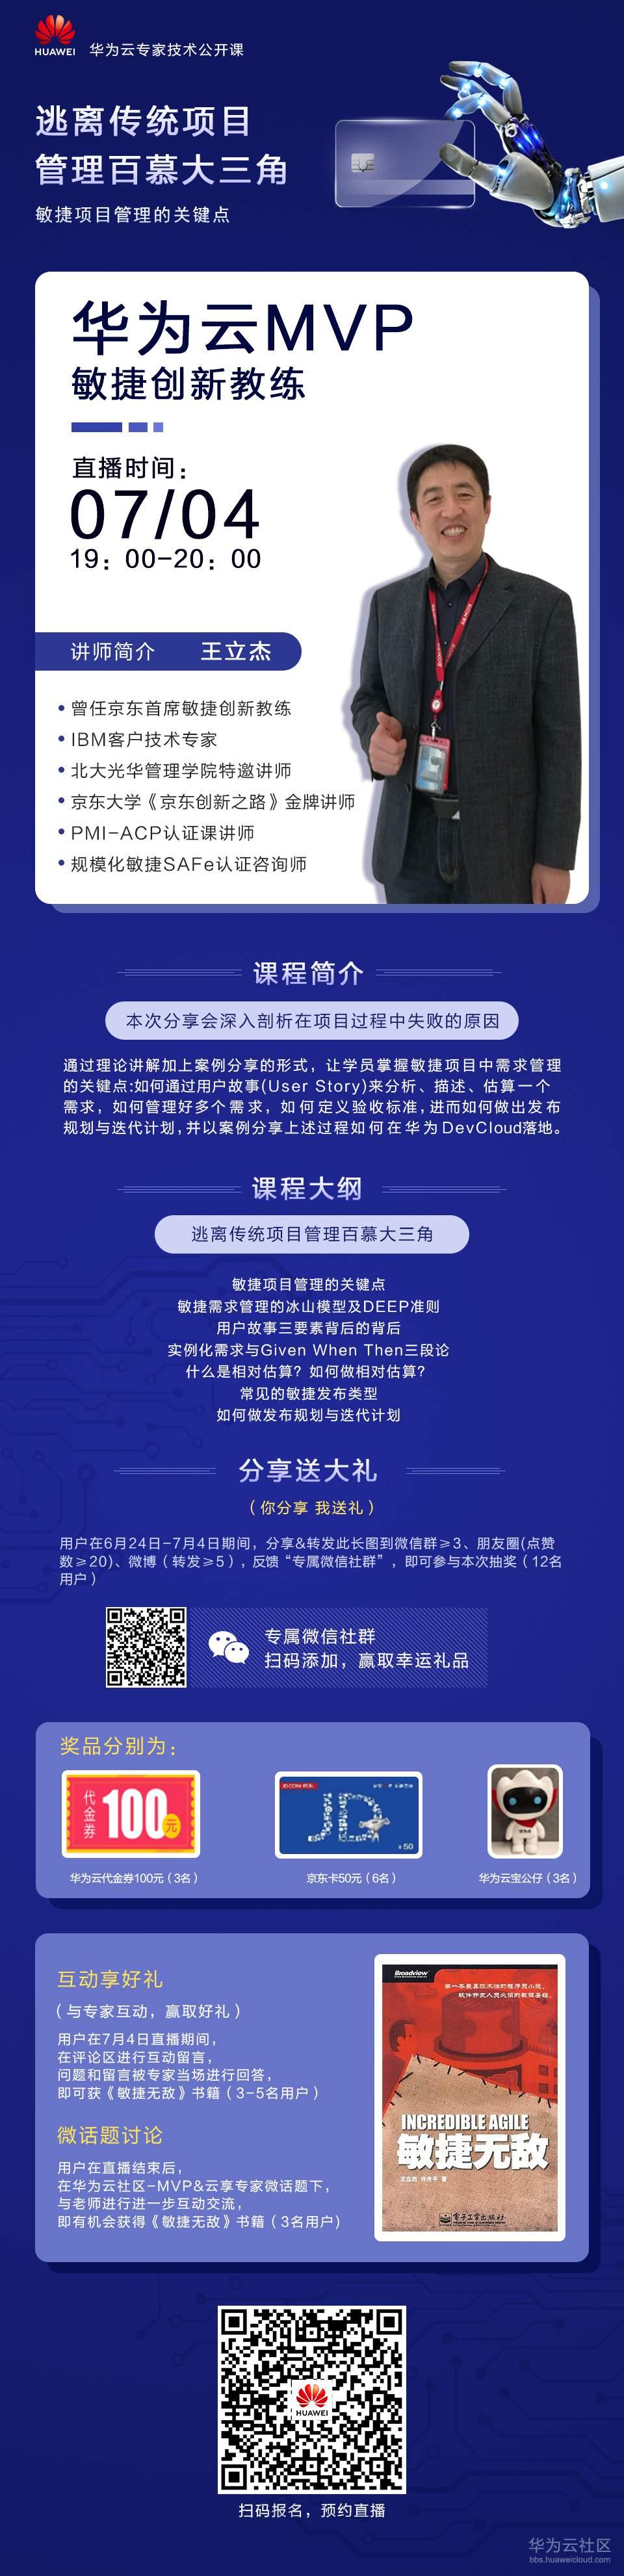 20190625华为云MVP专家长图.jpg